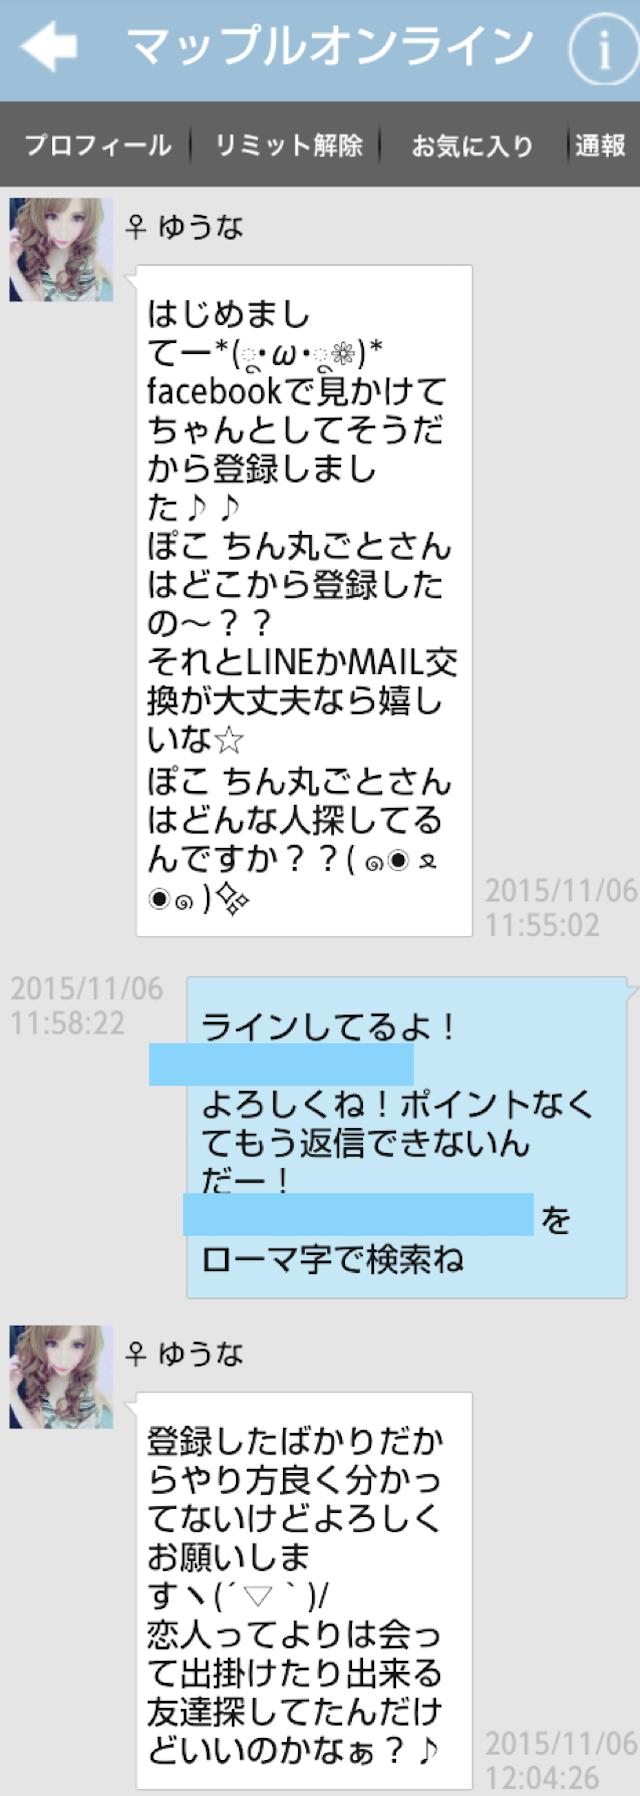 マップルオンライン_アプリ6